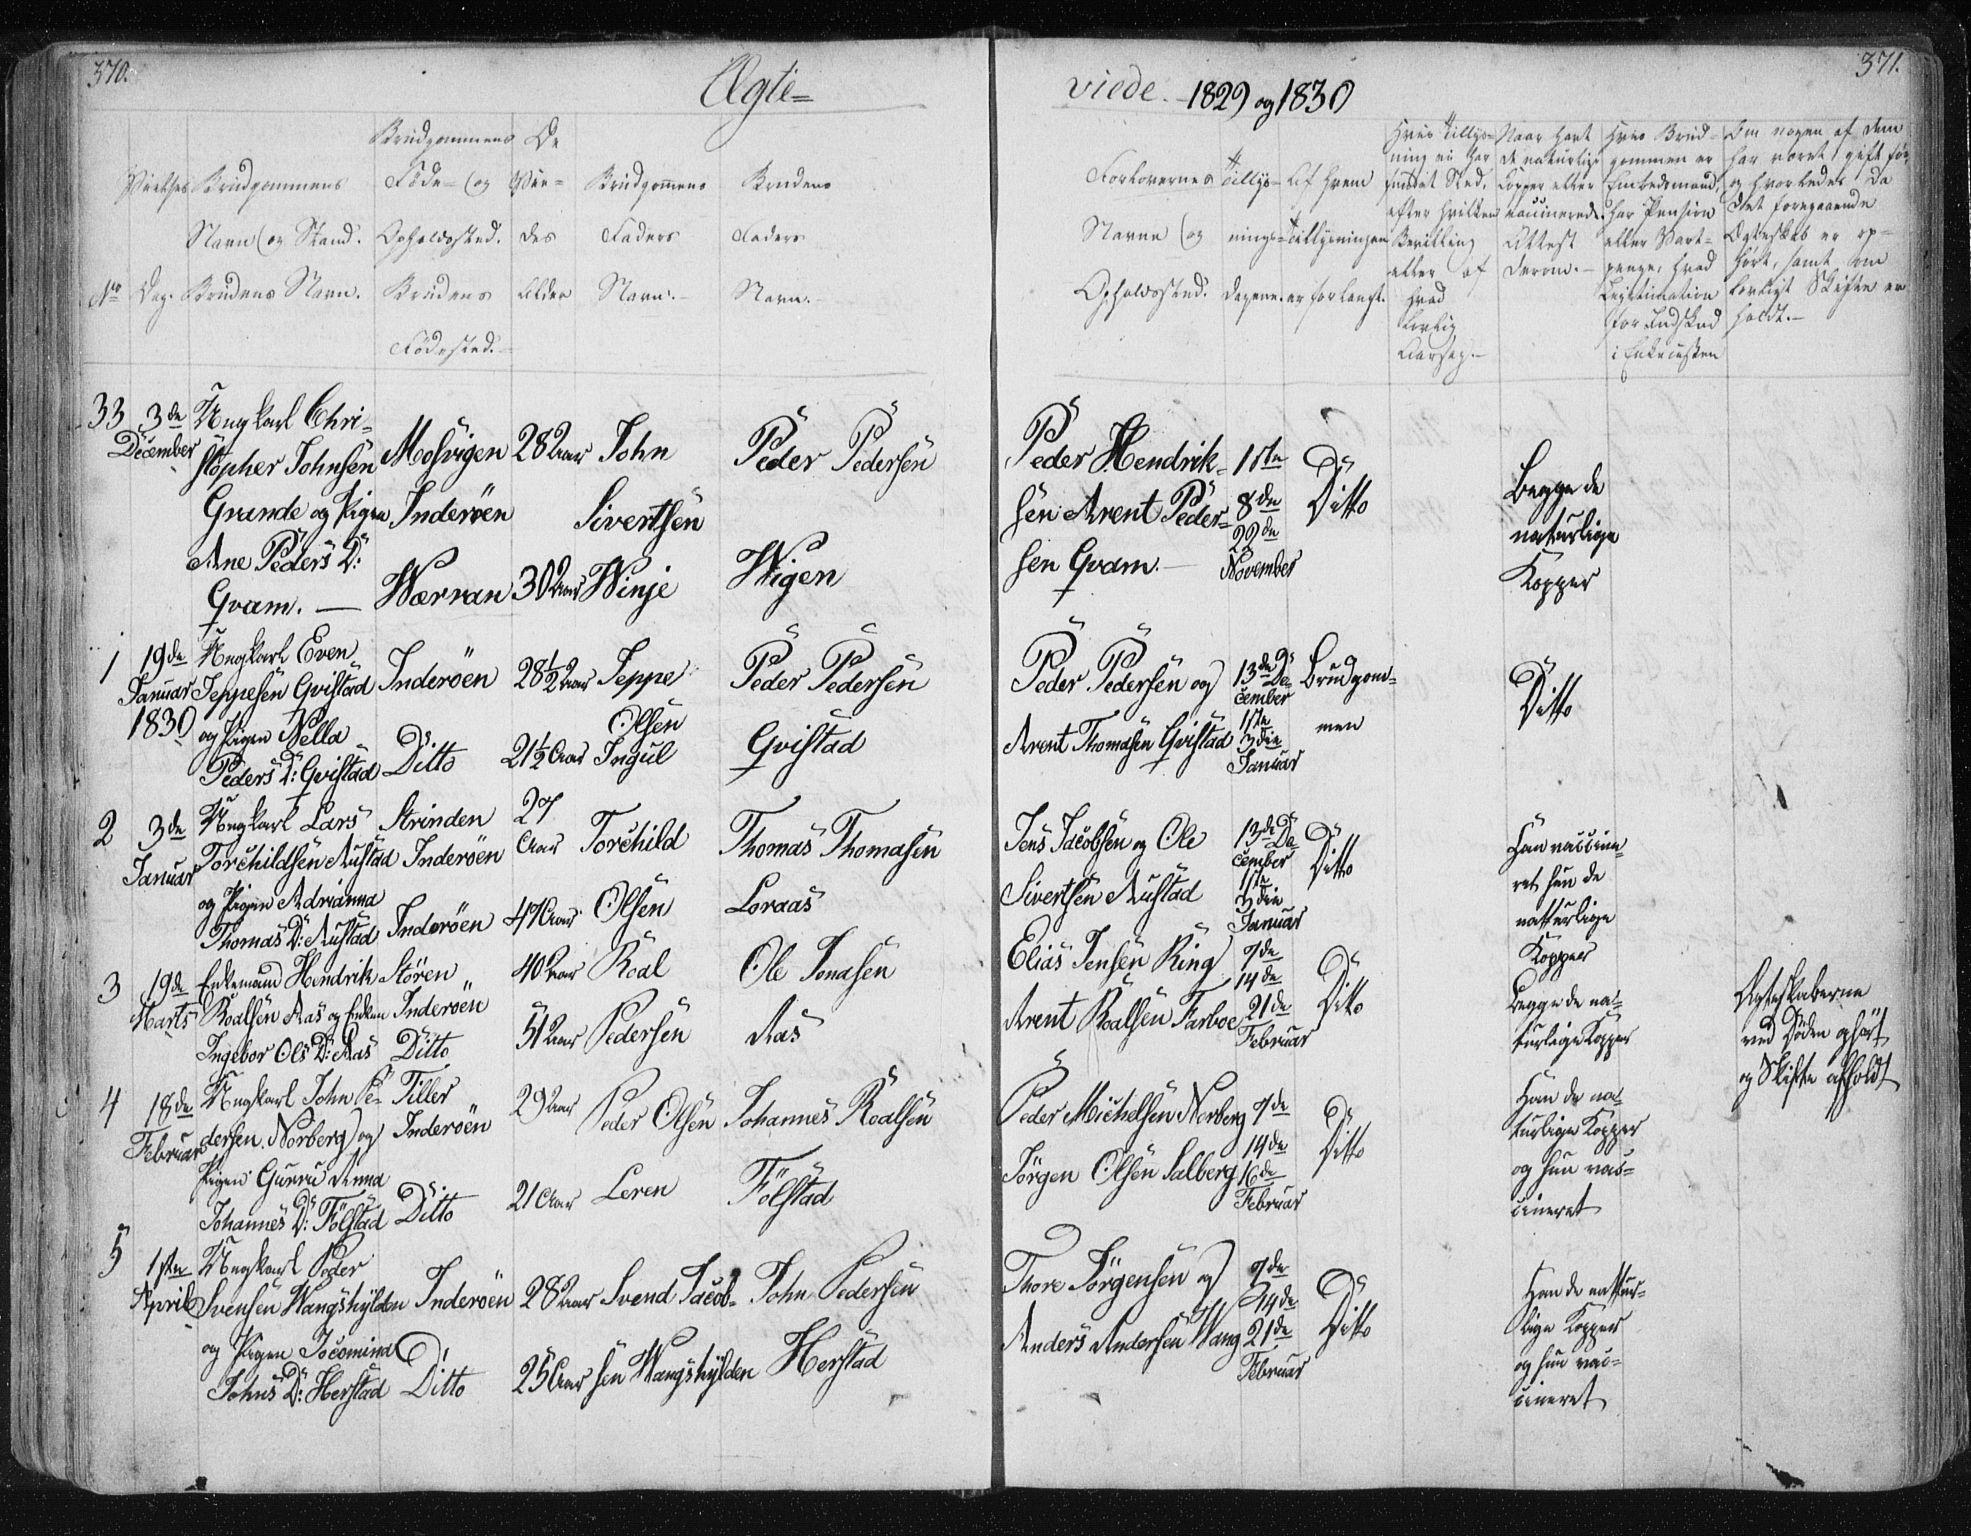 SAT, Ministerialprotokoller, klokkerbøker og fødselsregistre - Nord-Trøndelag, 730/L0276: Ministerialbok nr. 730A05, 1822-1830, s. 370-371